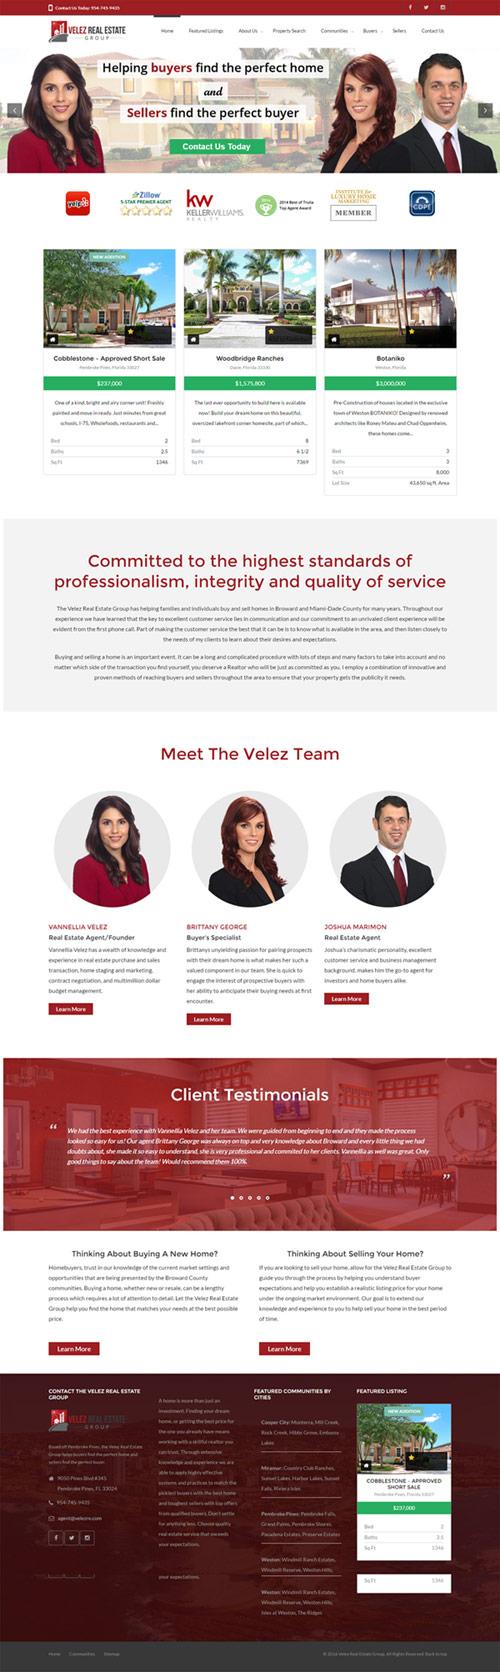 New velez Real Estate website